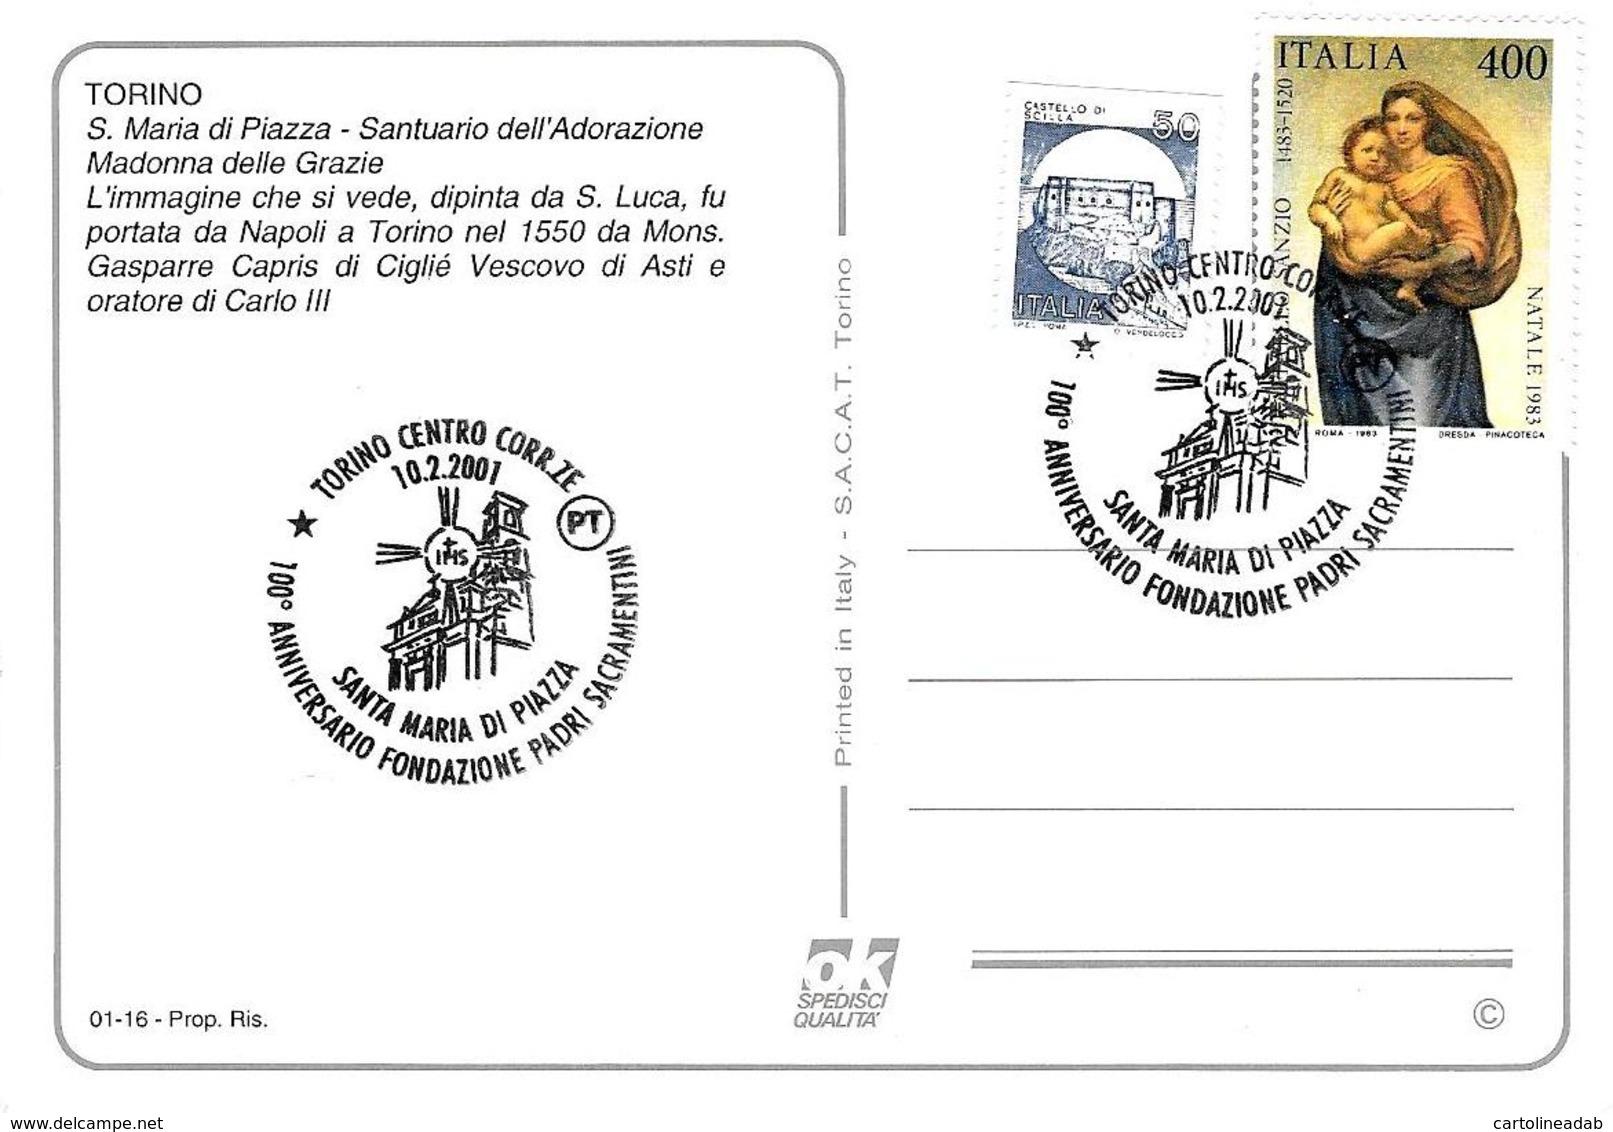 [MD2388] CPM - TORINO - S. MARIA DI PIAZZA SANTUARIO DELL'ADORAZIONE MADONNA DELLE GRAZIE - CON ANNULLO 10.2.2001 - NV - Churches